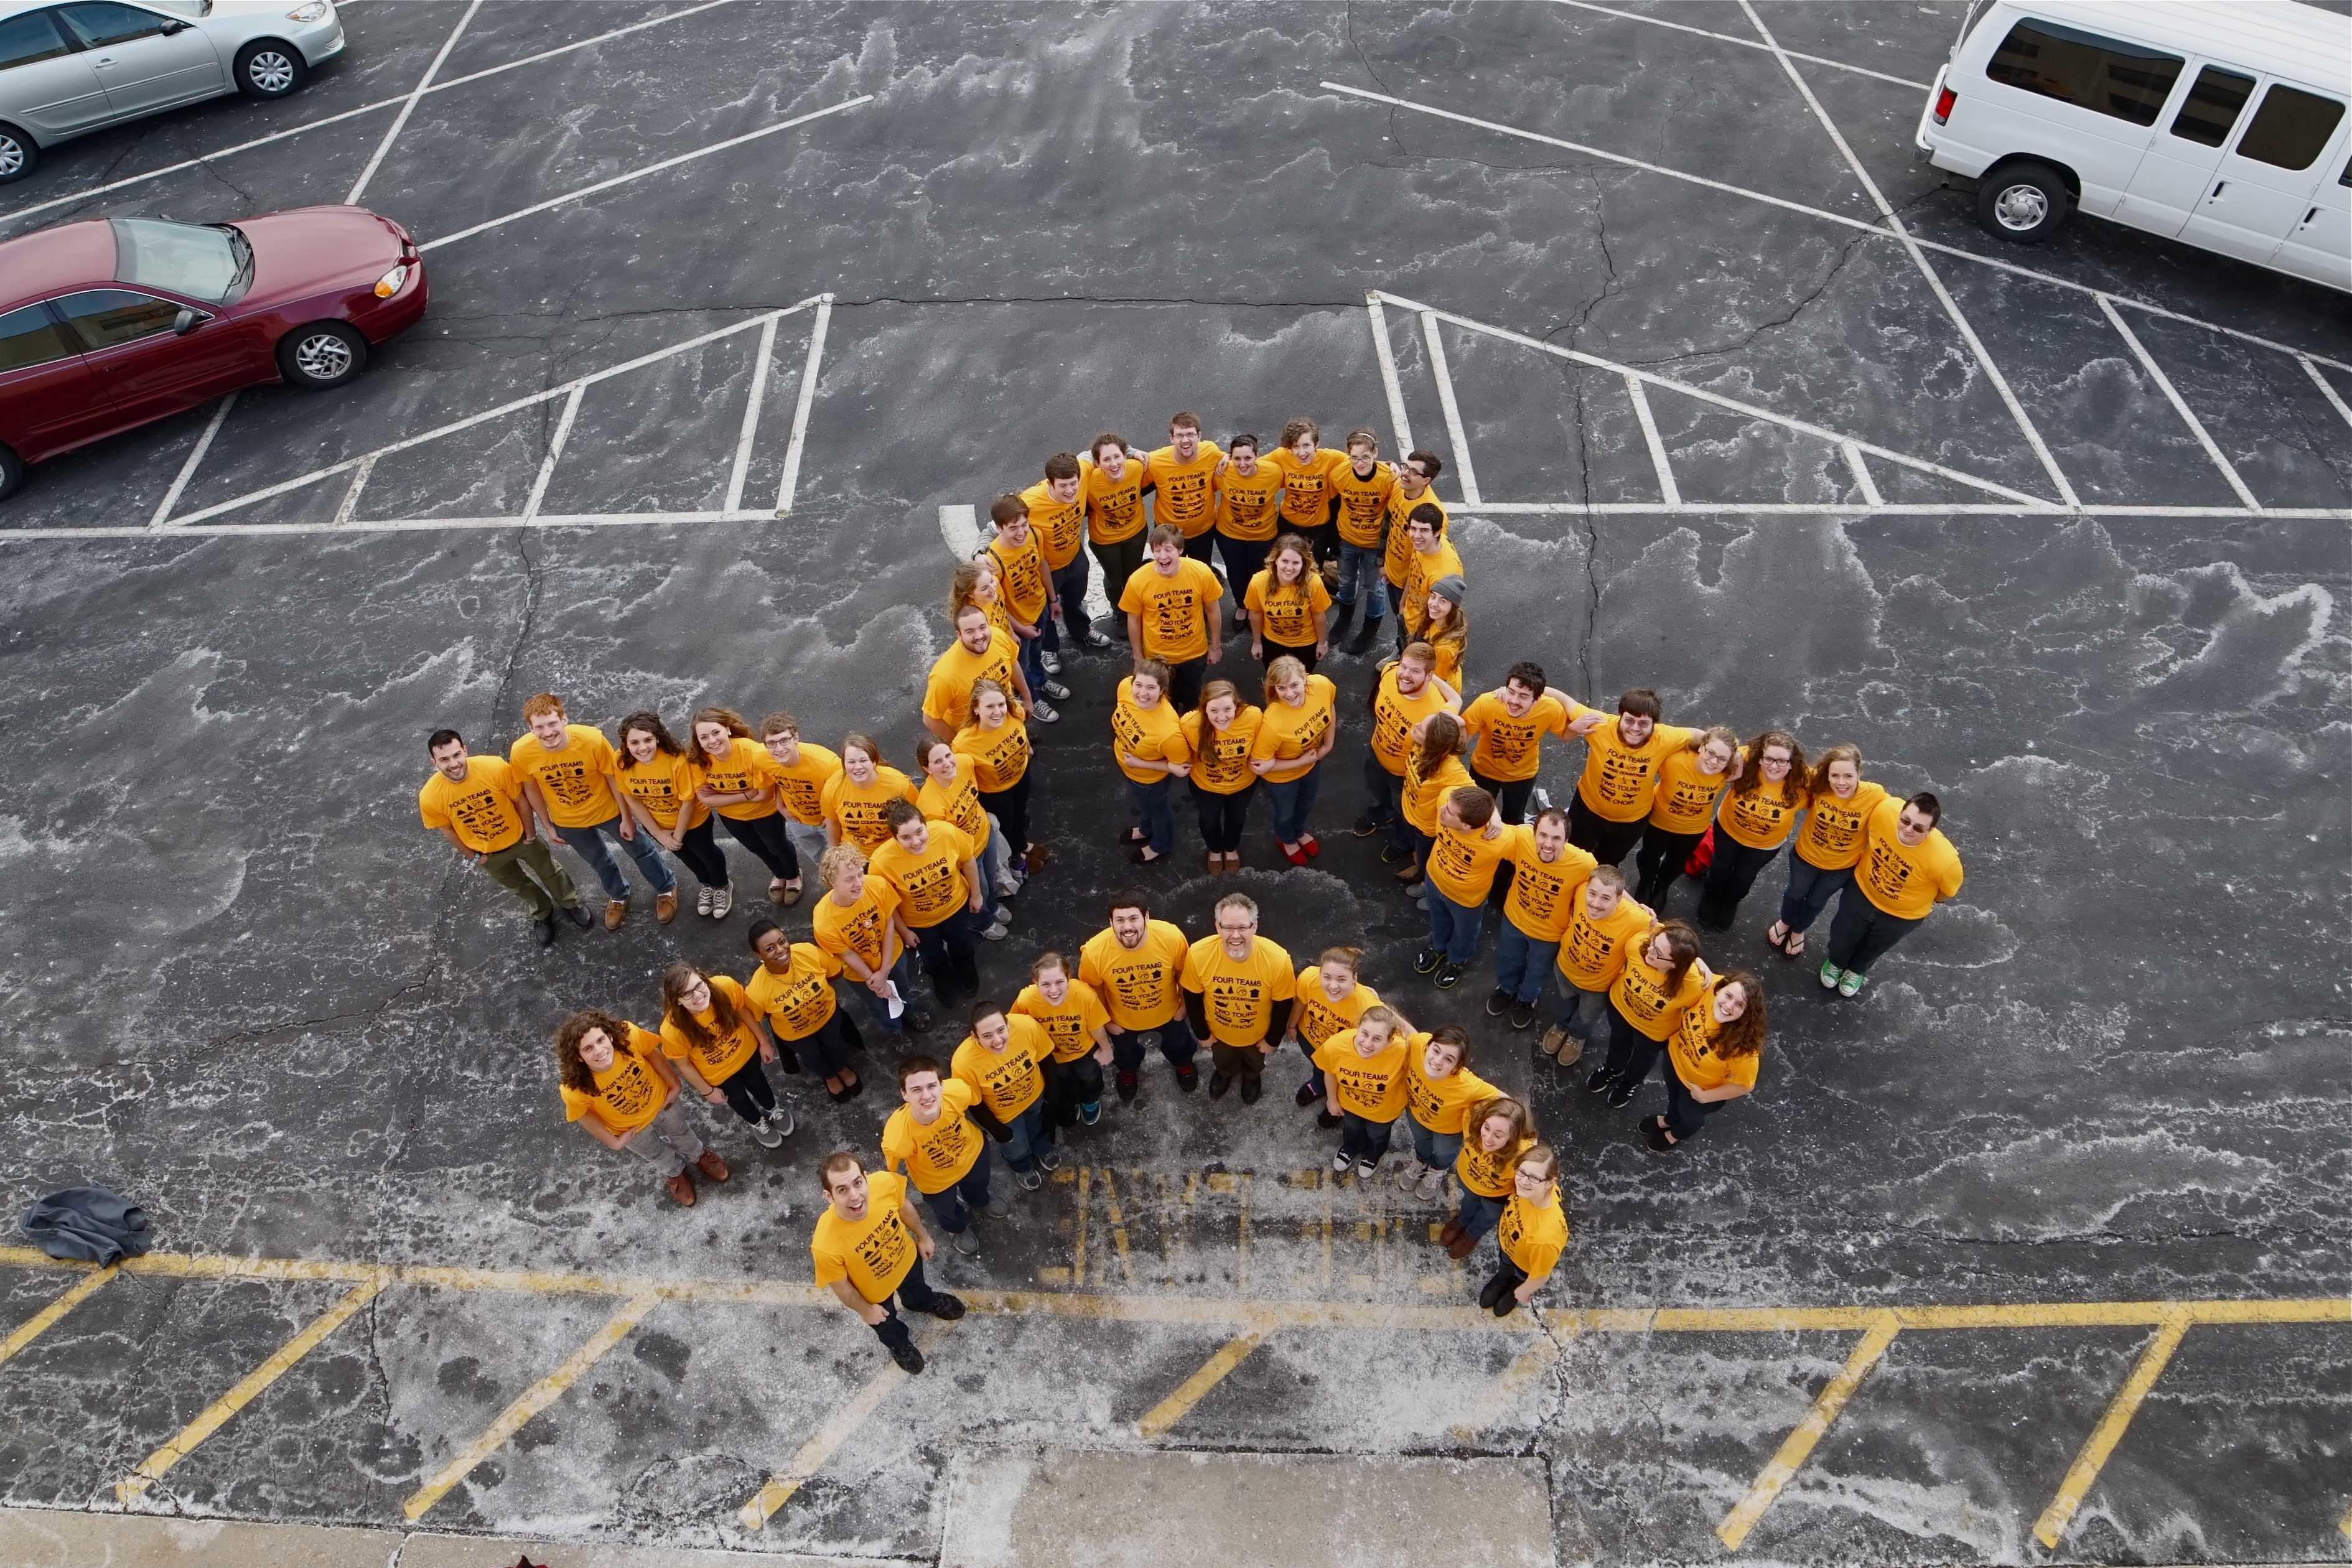 Shirt design octopus - The Genevans Choir Octopus T Shirt Photo